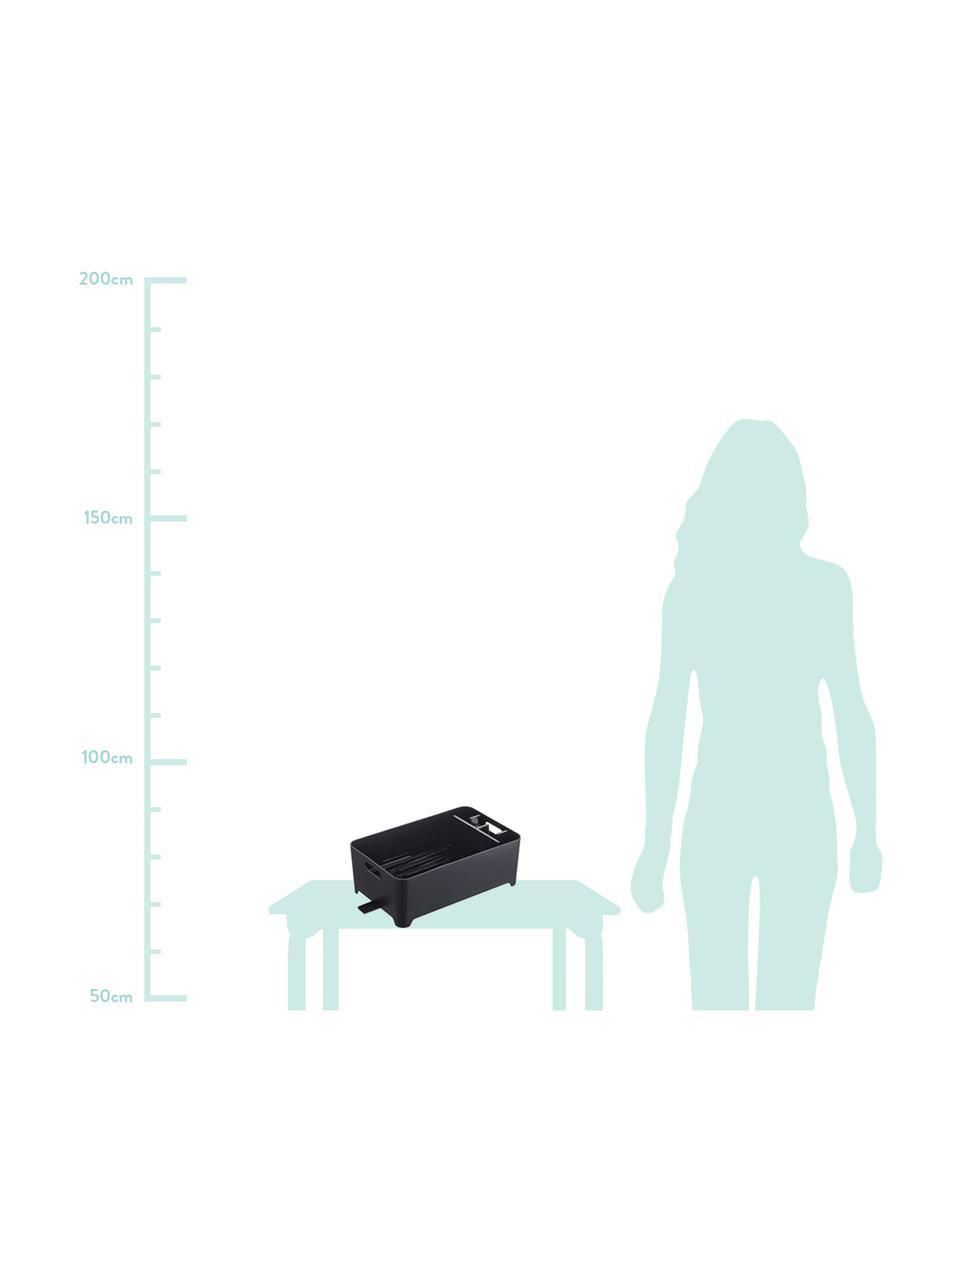 Suszarka do naczyń z tworzywa sztucznego Tower, Tworzywo sztuczne (ABS), Czarny, S 38 x W 13 cm